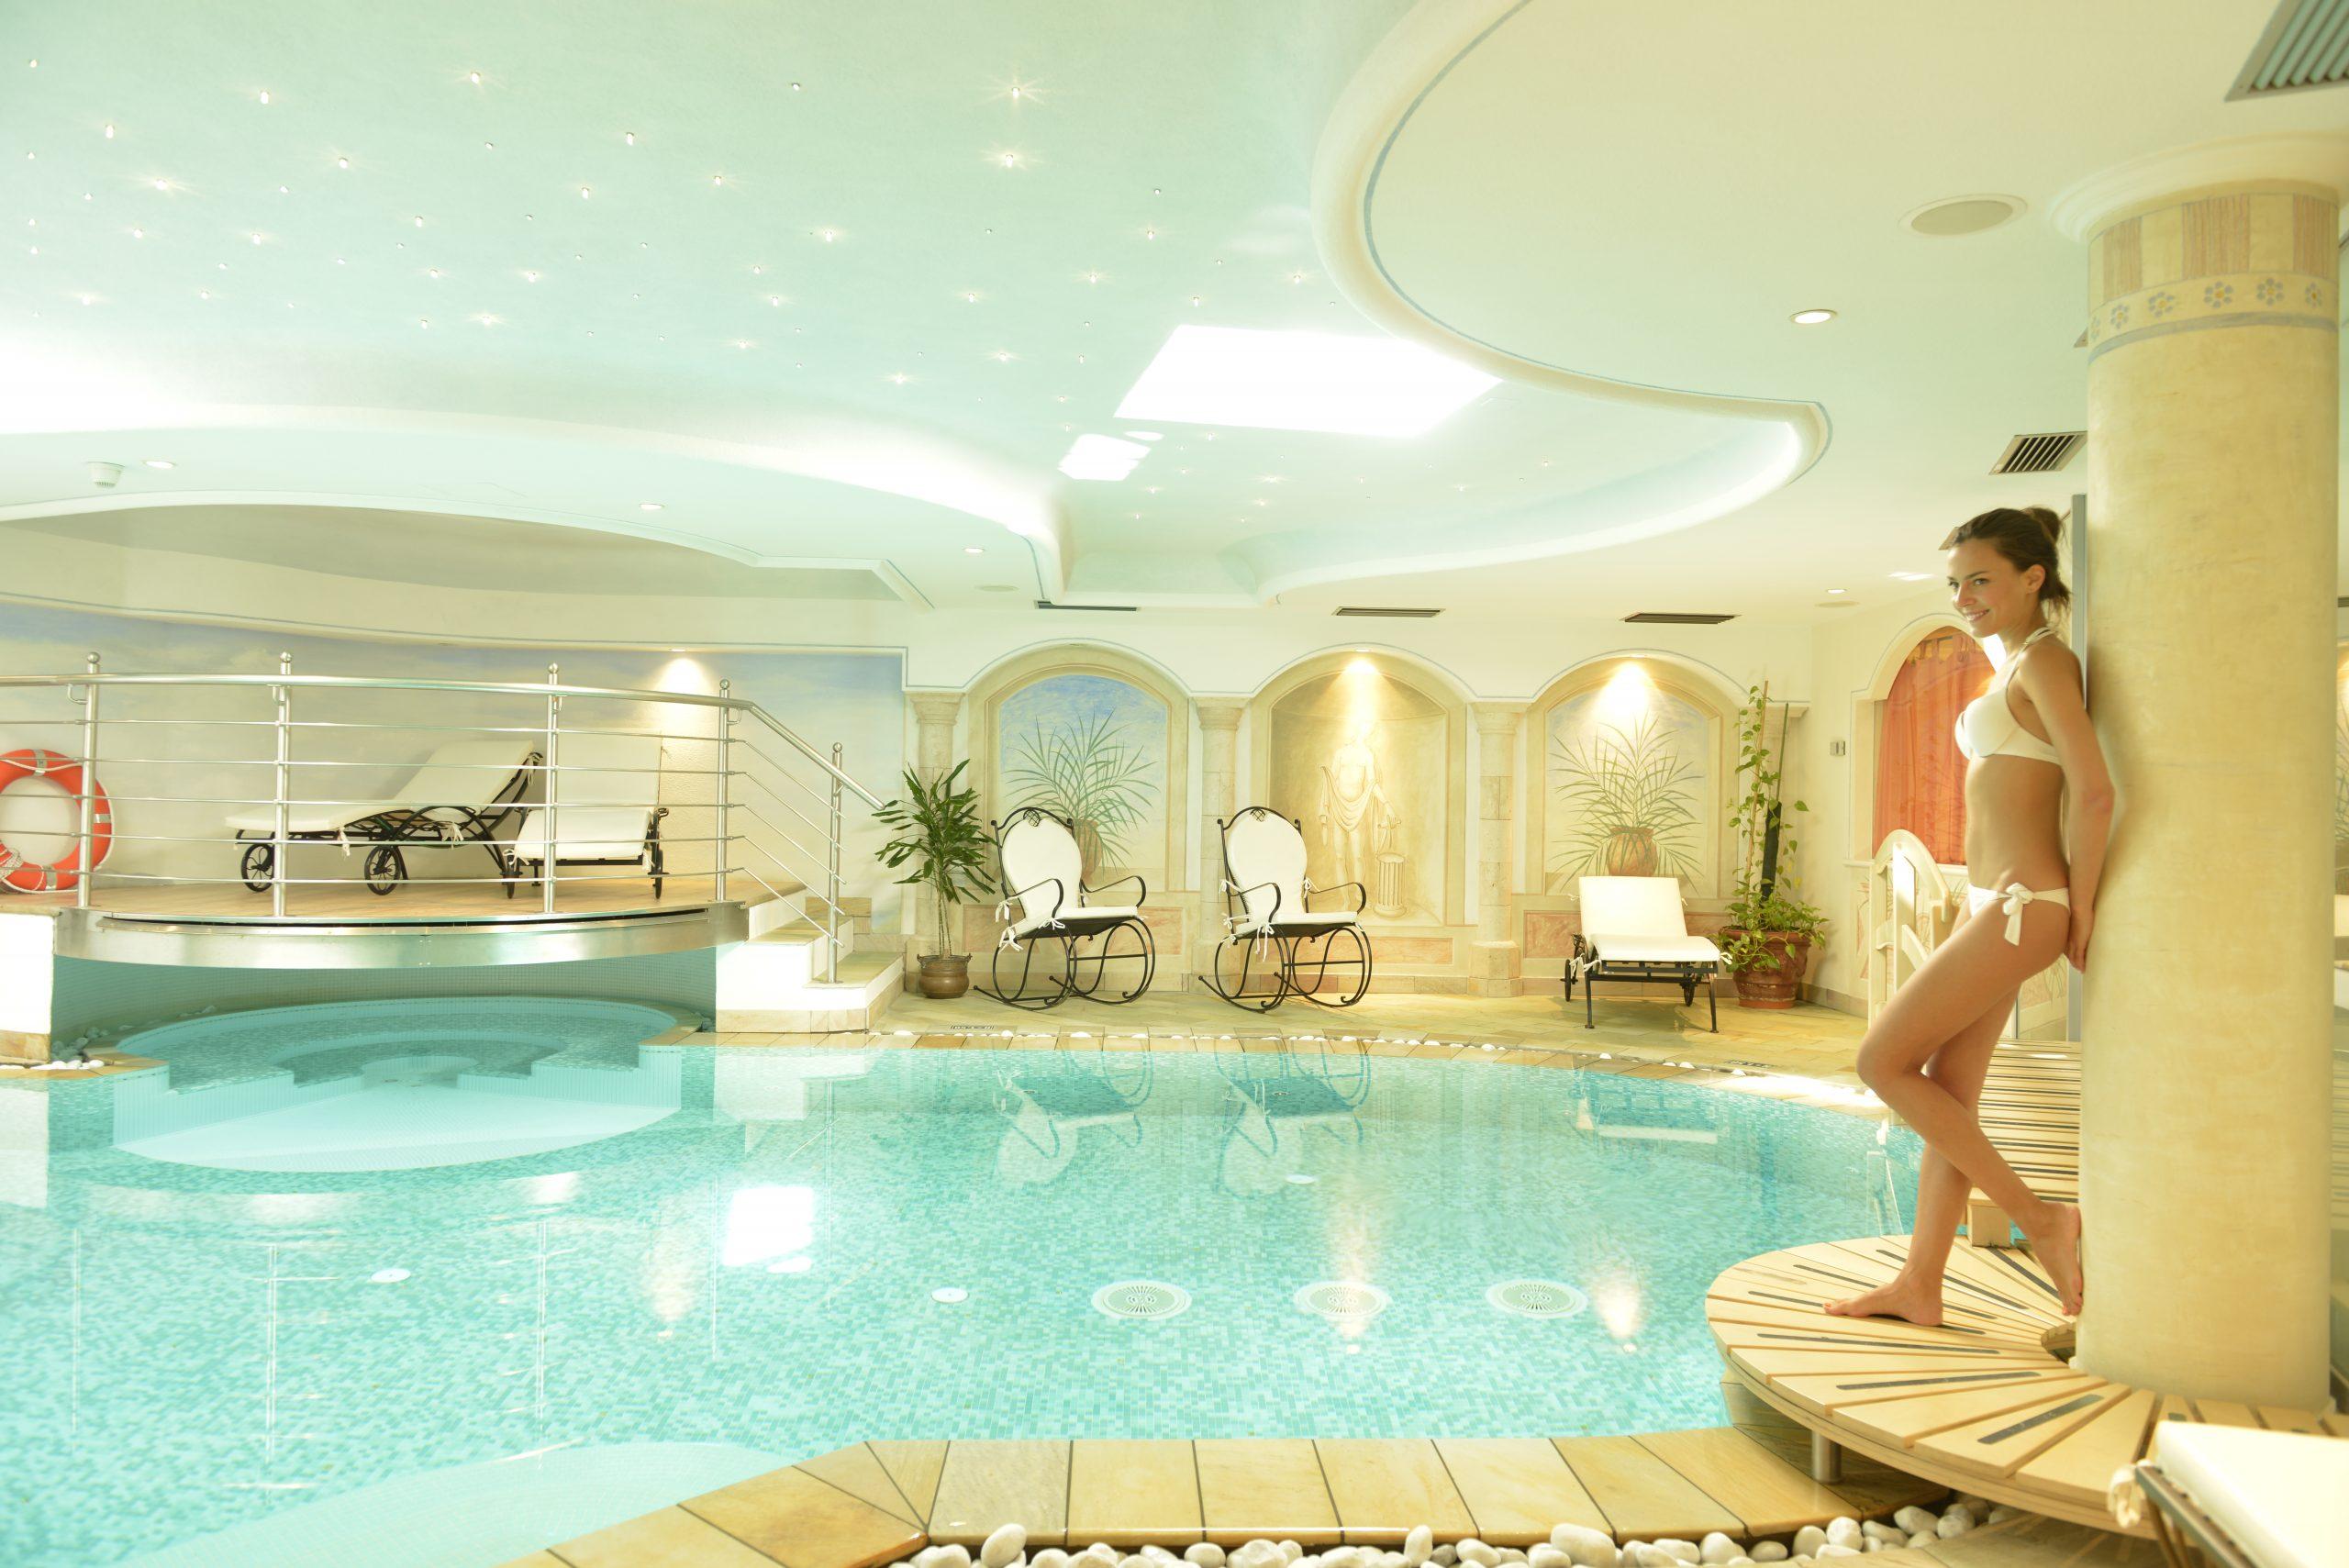 Hotel Alle Alpi Beauty e Relax - Hotel Moena in val di Fassa Trentino, piscina benessere relax